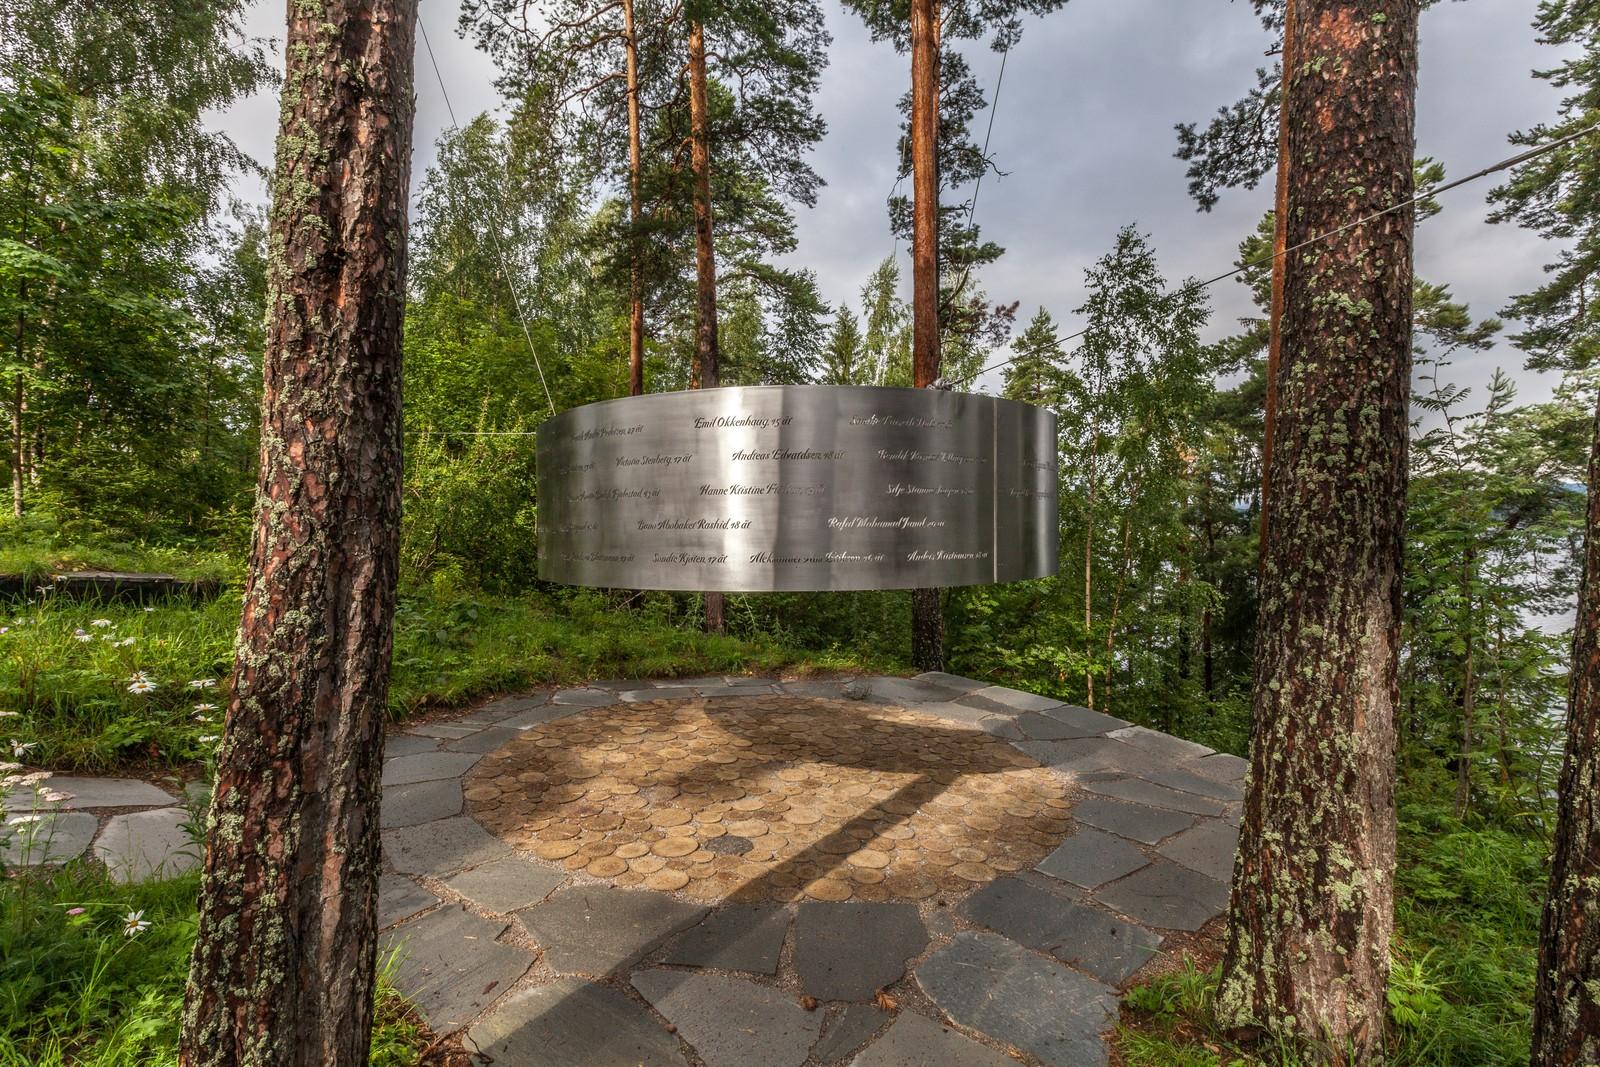 Minnesmerket er plassert mellom furutrær i et område der ingen ble drept.